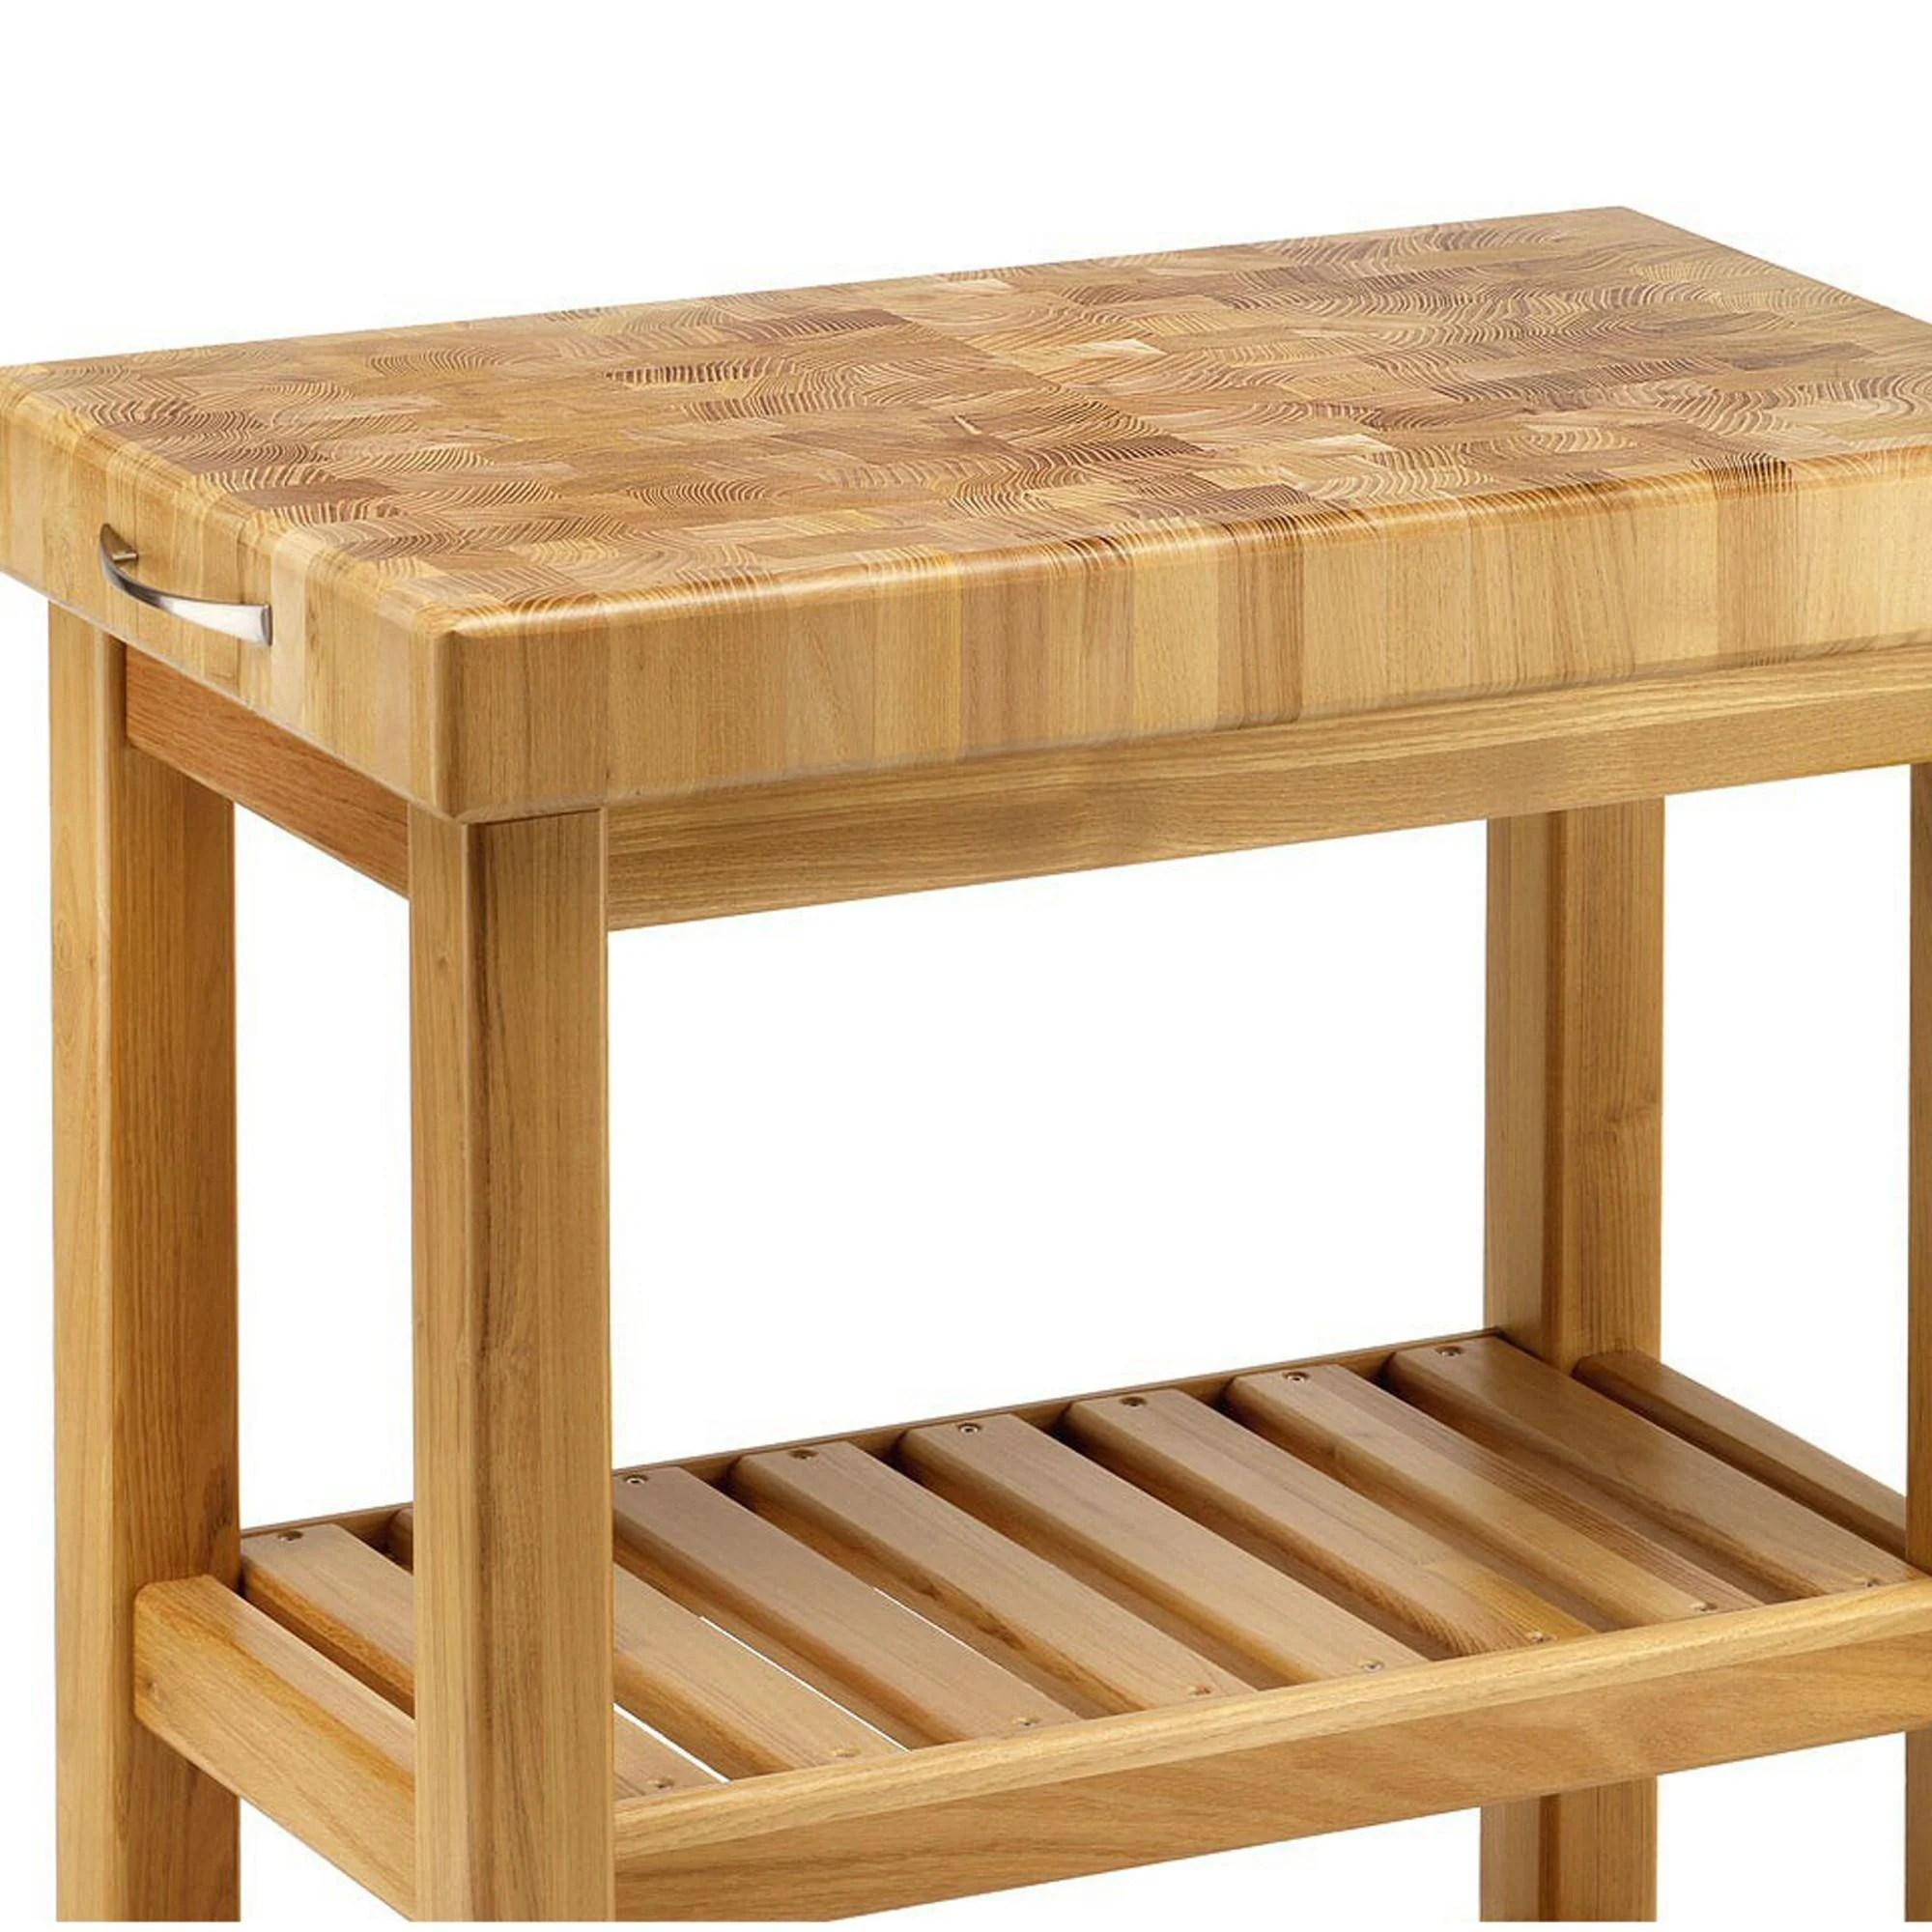 Carrello da cucina in legno massello 70x40xh85 cm con